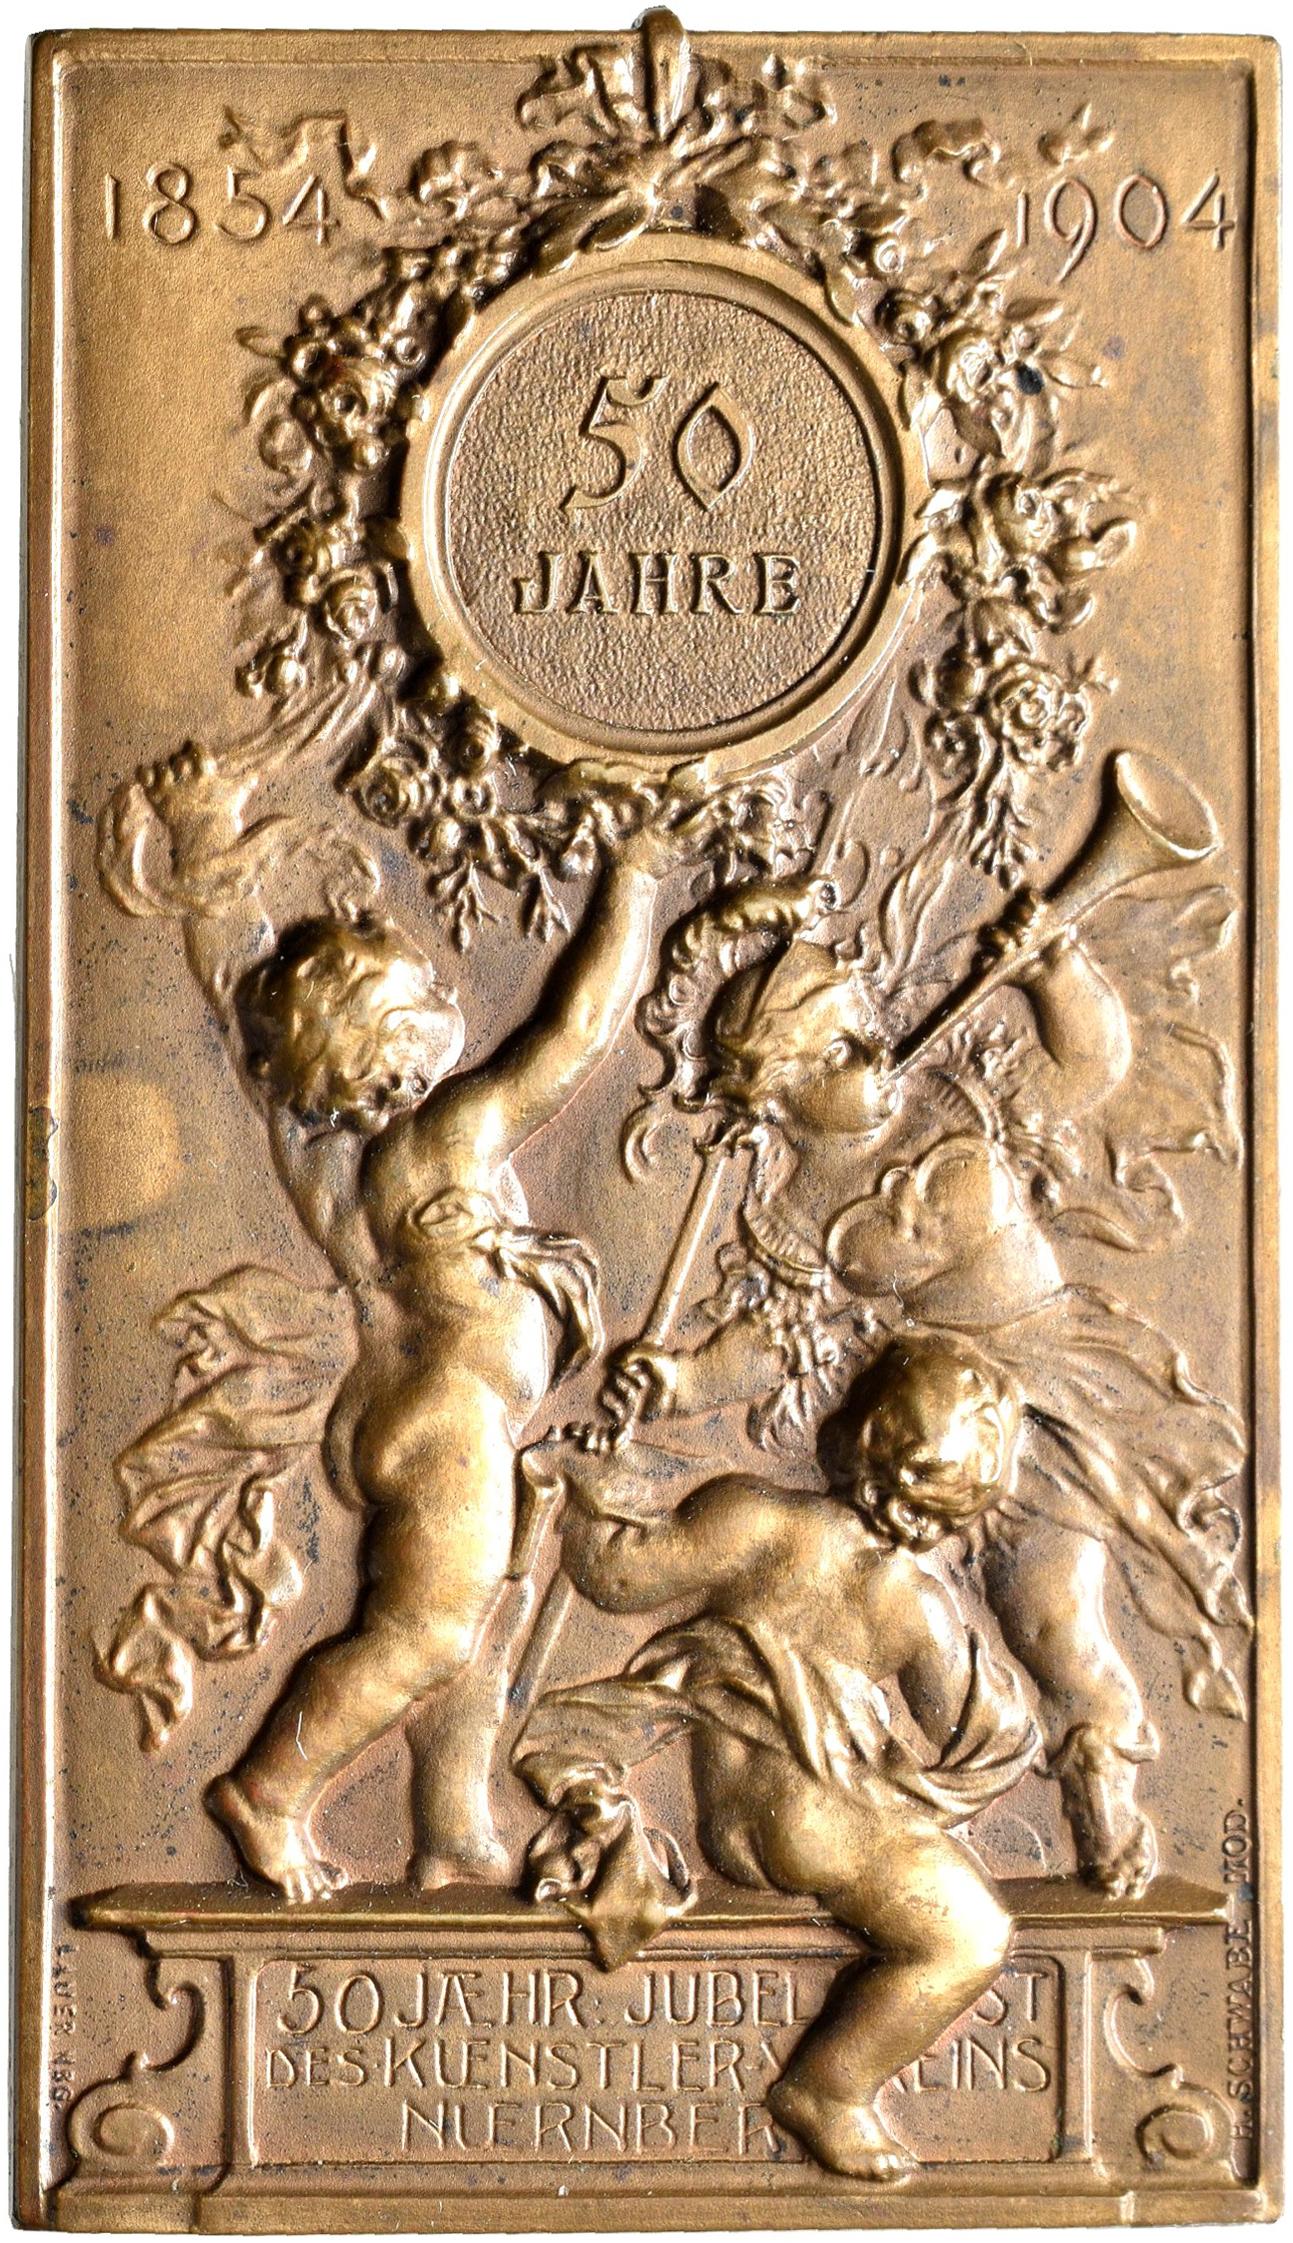 Lot 02428 - Medaillen Deutschland - Geographisch   Münzen  -  Auktionshaus Christoph Gärtner GmbH & Co. KG Sale #48 The Coins & The Picture Post Cards